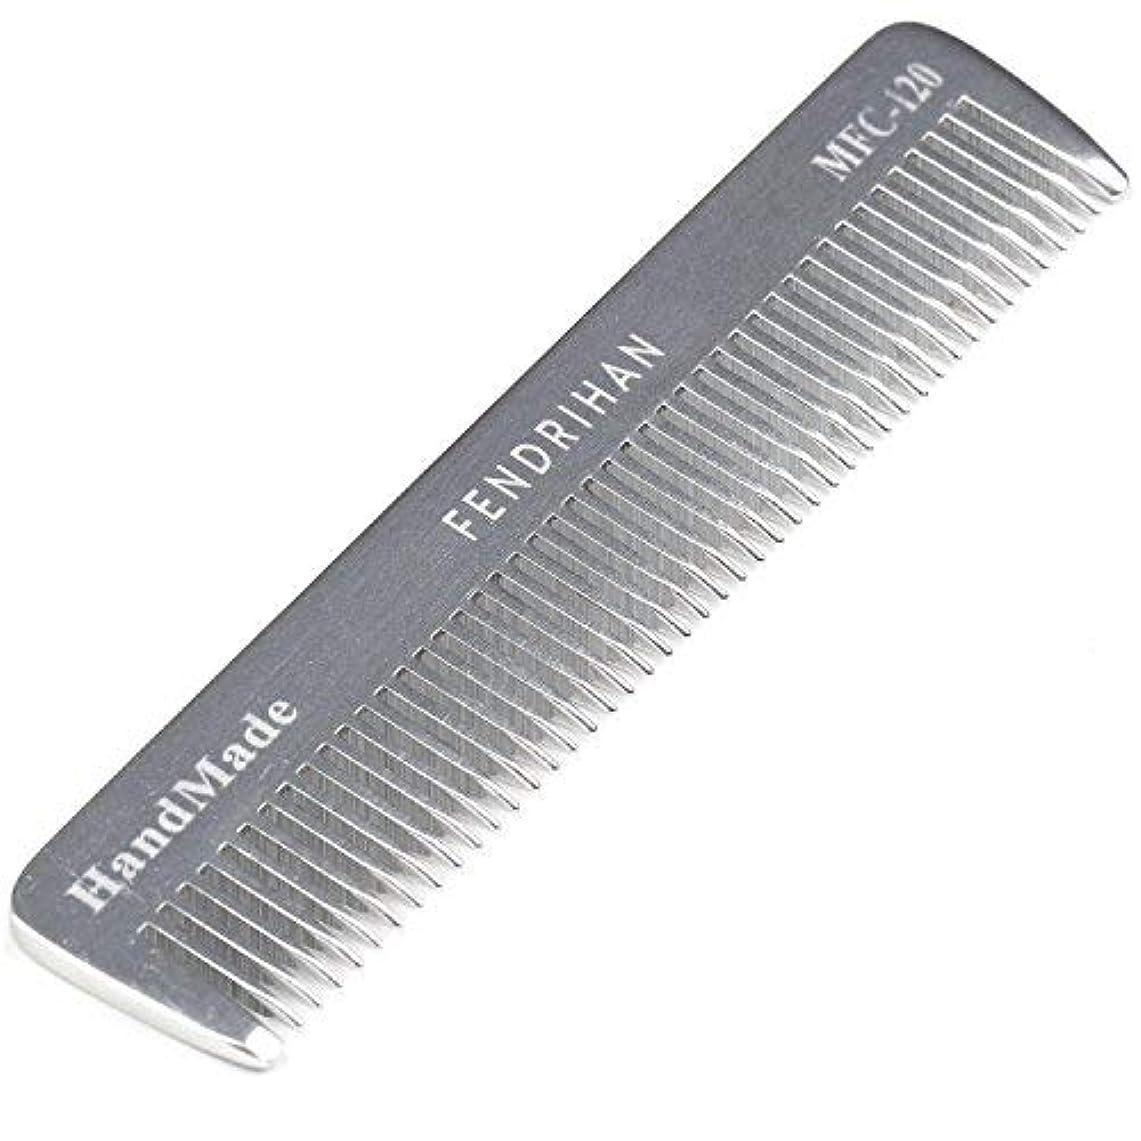 すり減る作家難民Fendrihan Sturdy Metal Fine Tooth Barber Pocket Grooming Comb (4.6 Inches) [並行輸入品]